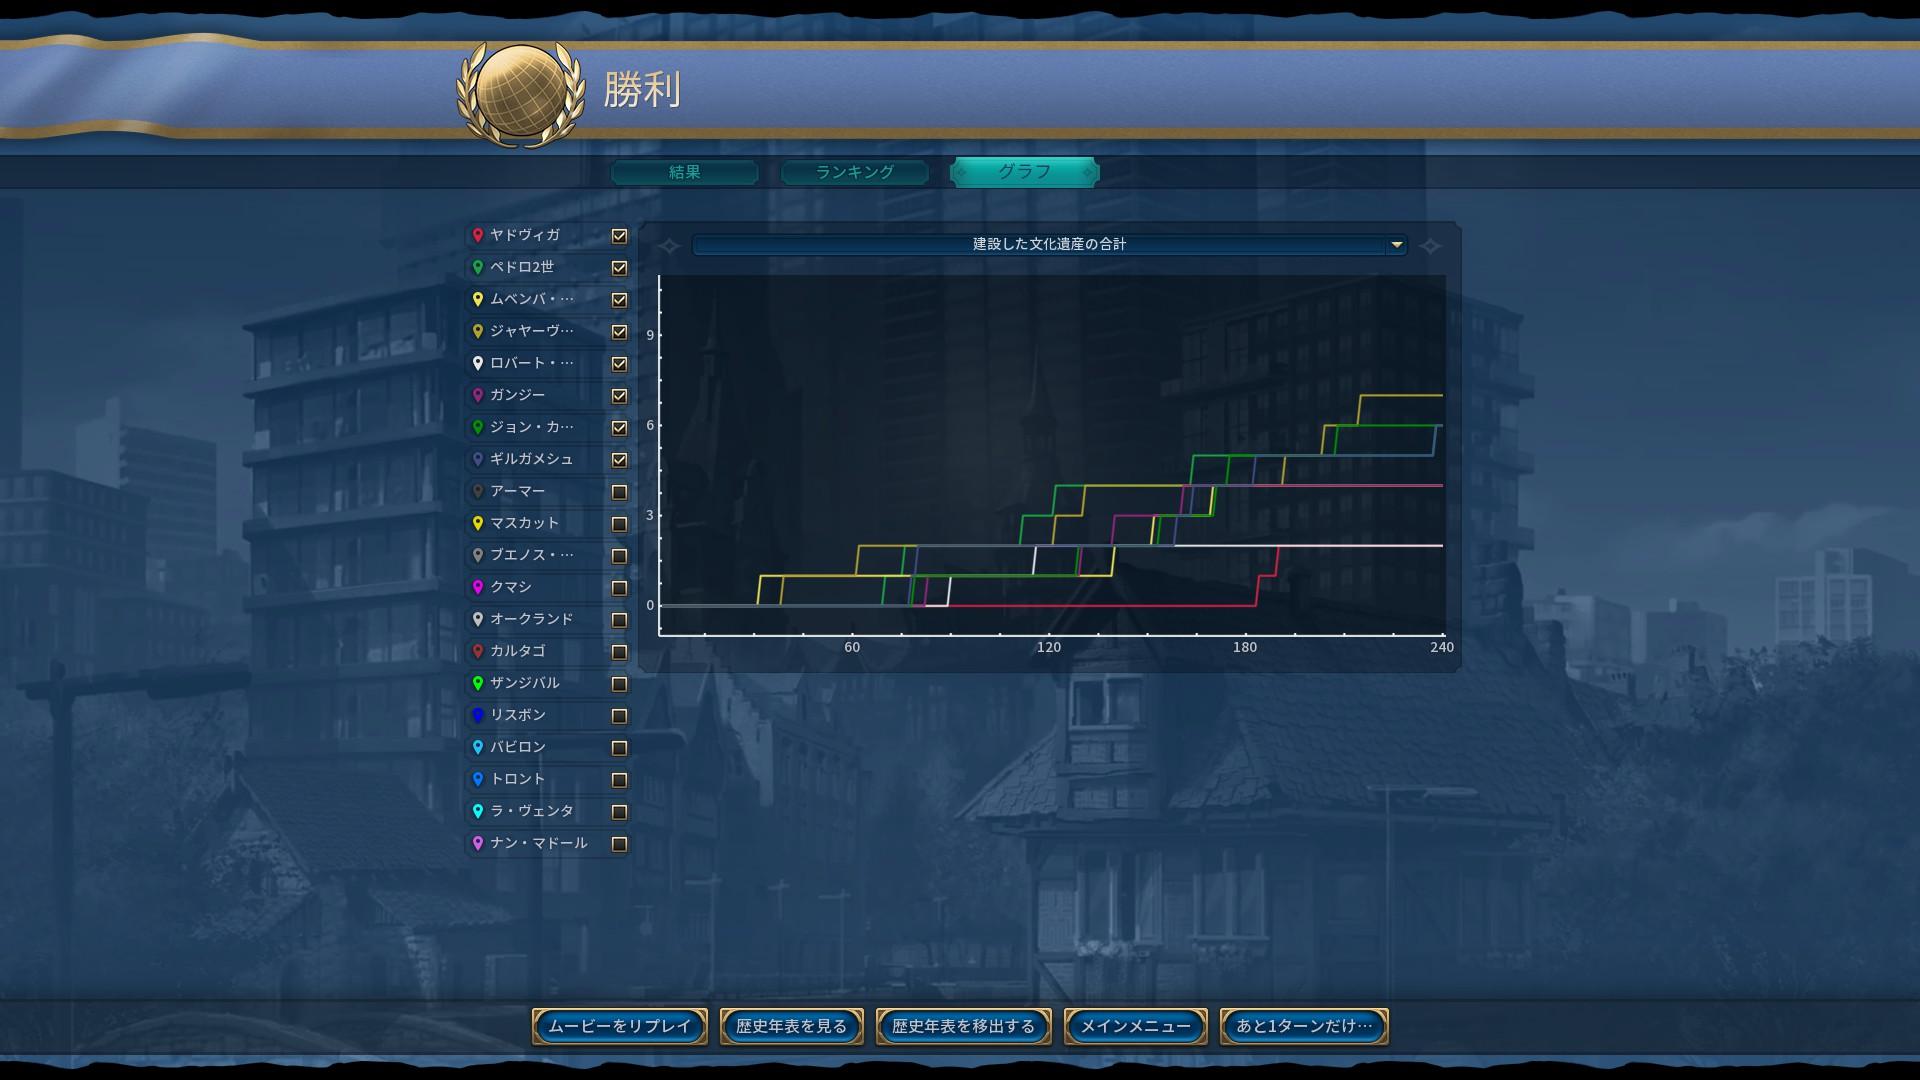 08_遺産建設数グラフ.jpg